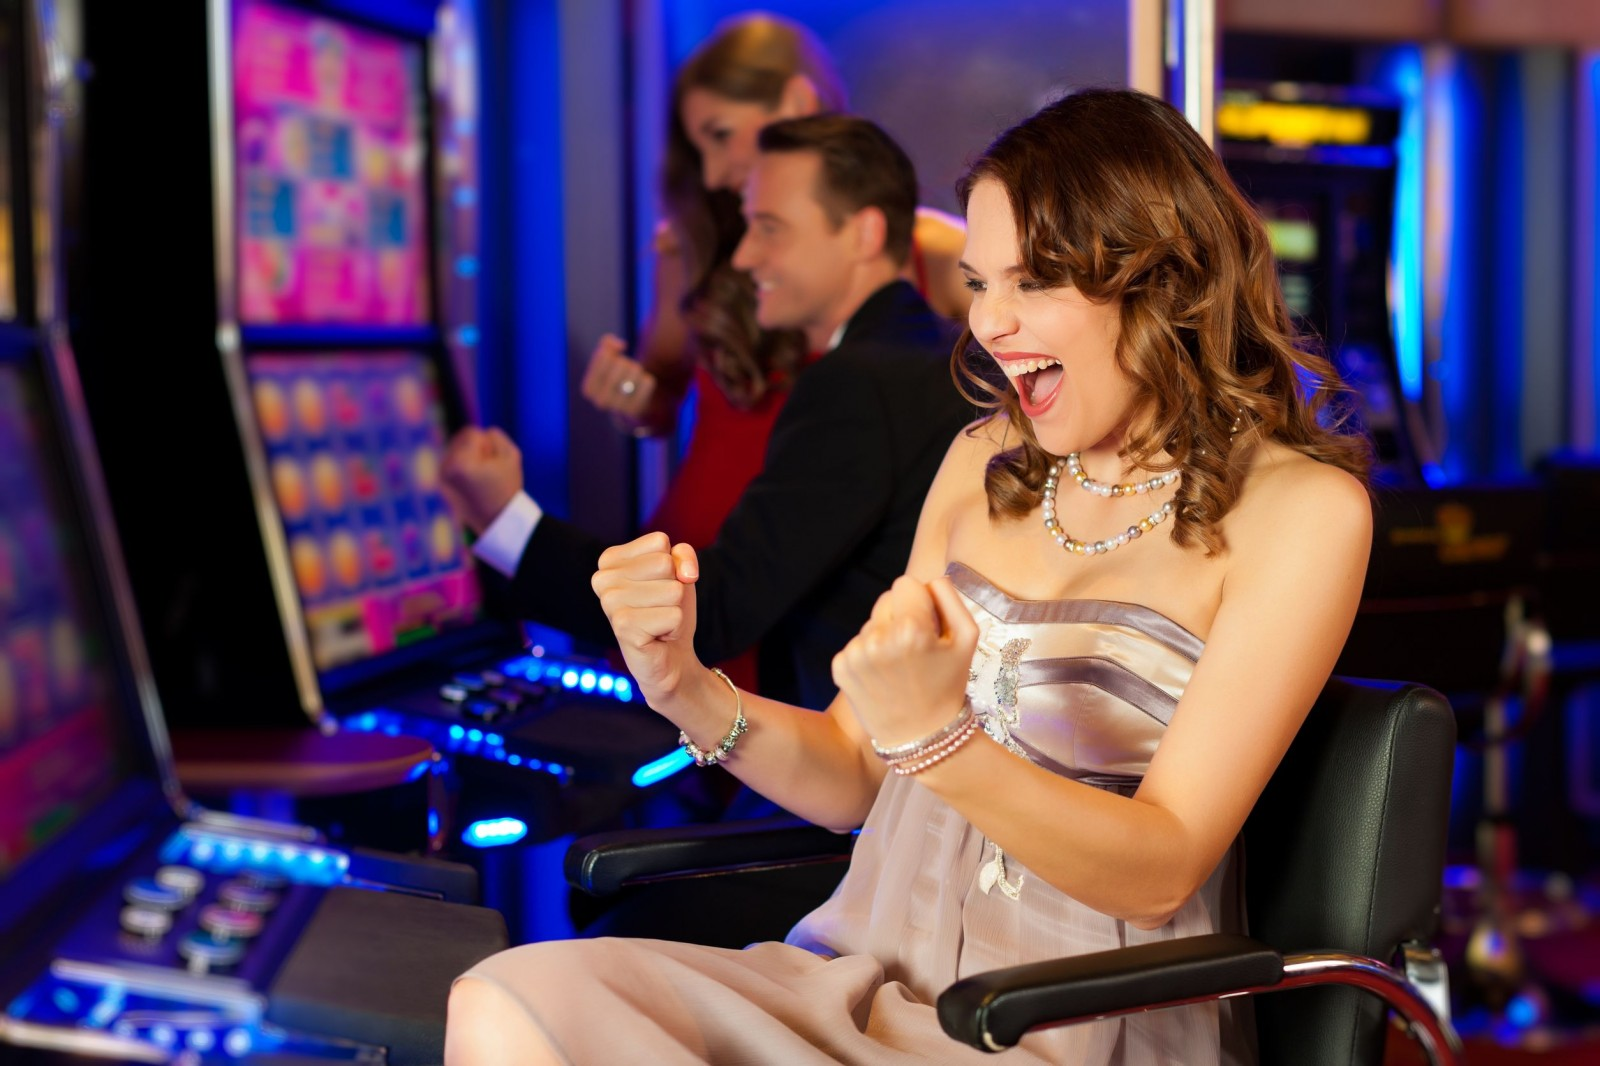 рейтинг онлайн казино с лицензией 2018